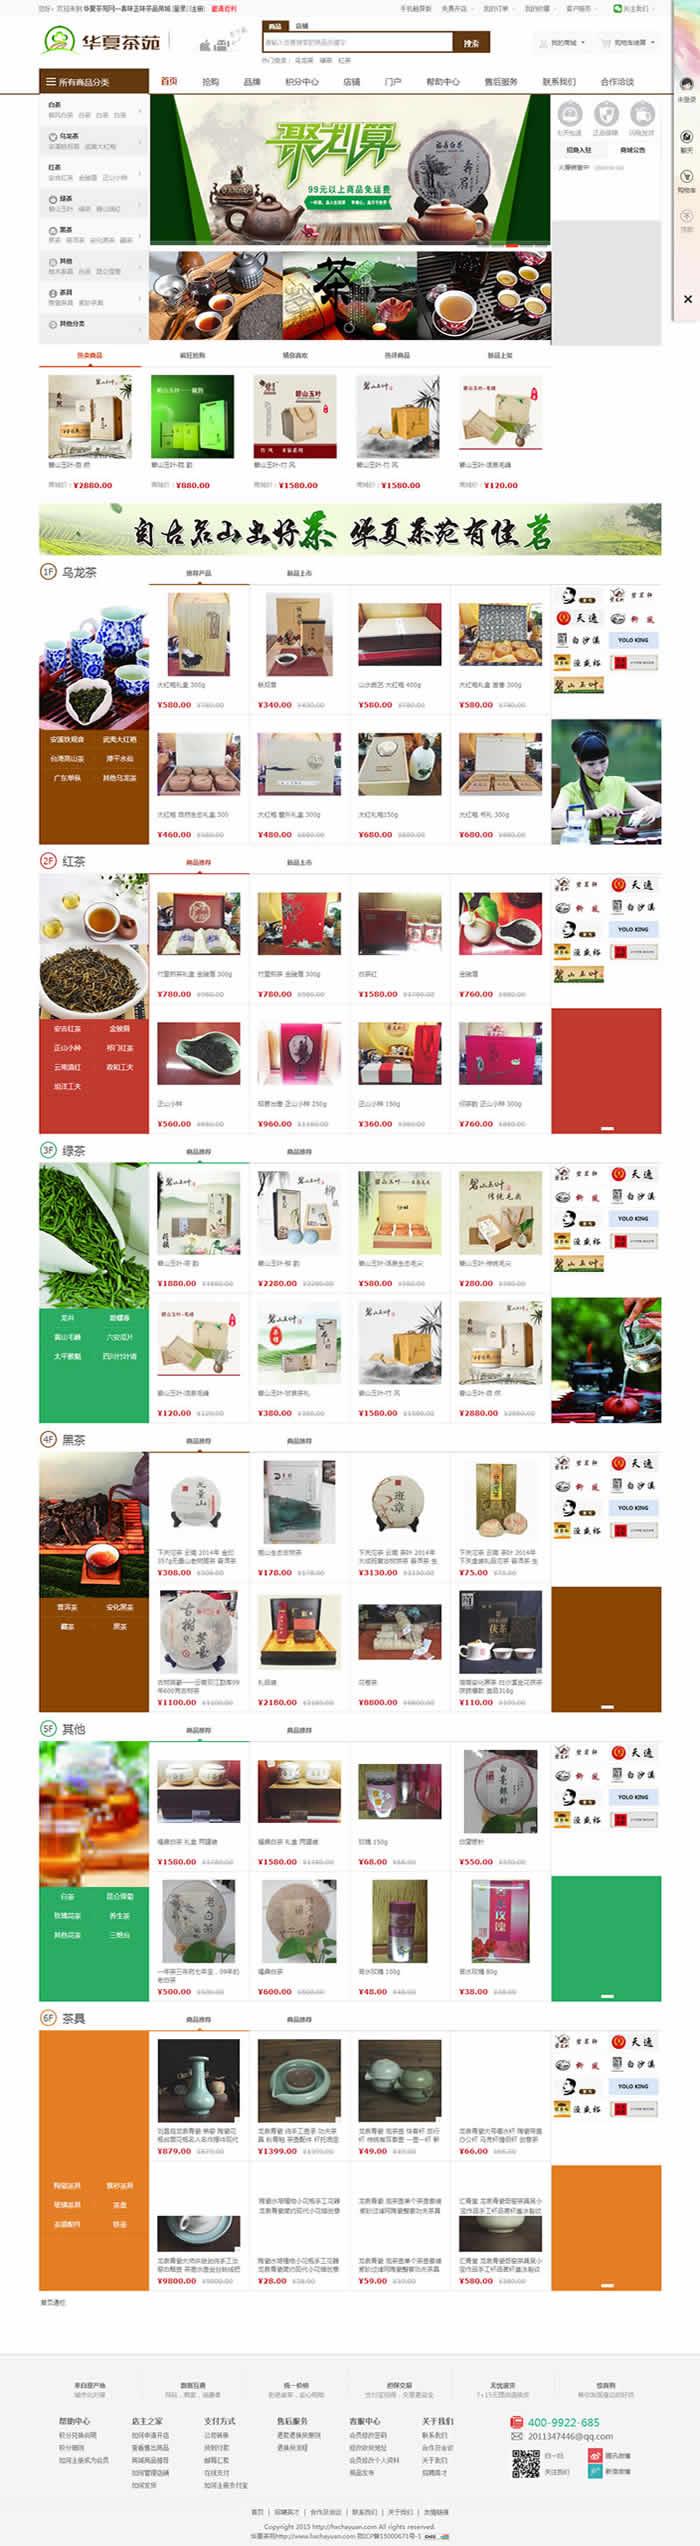 棕色副食产品购物网站